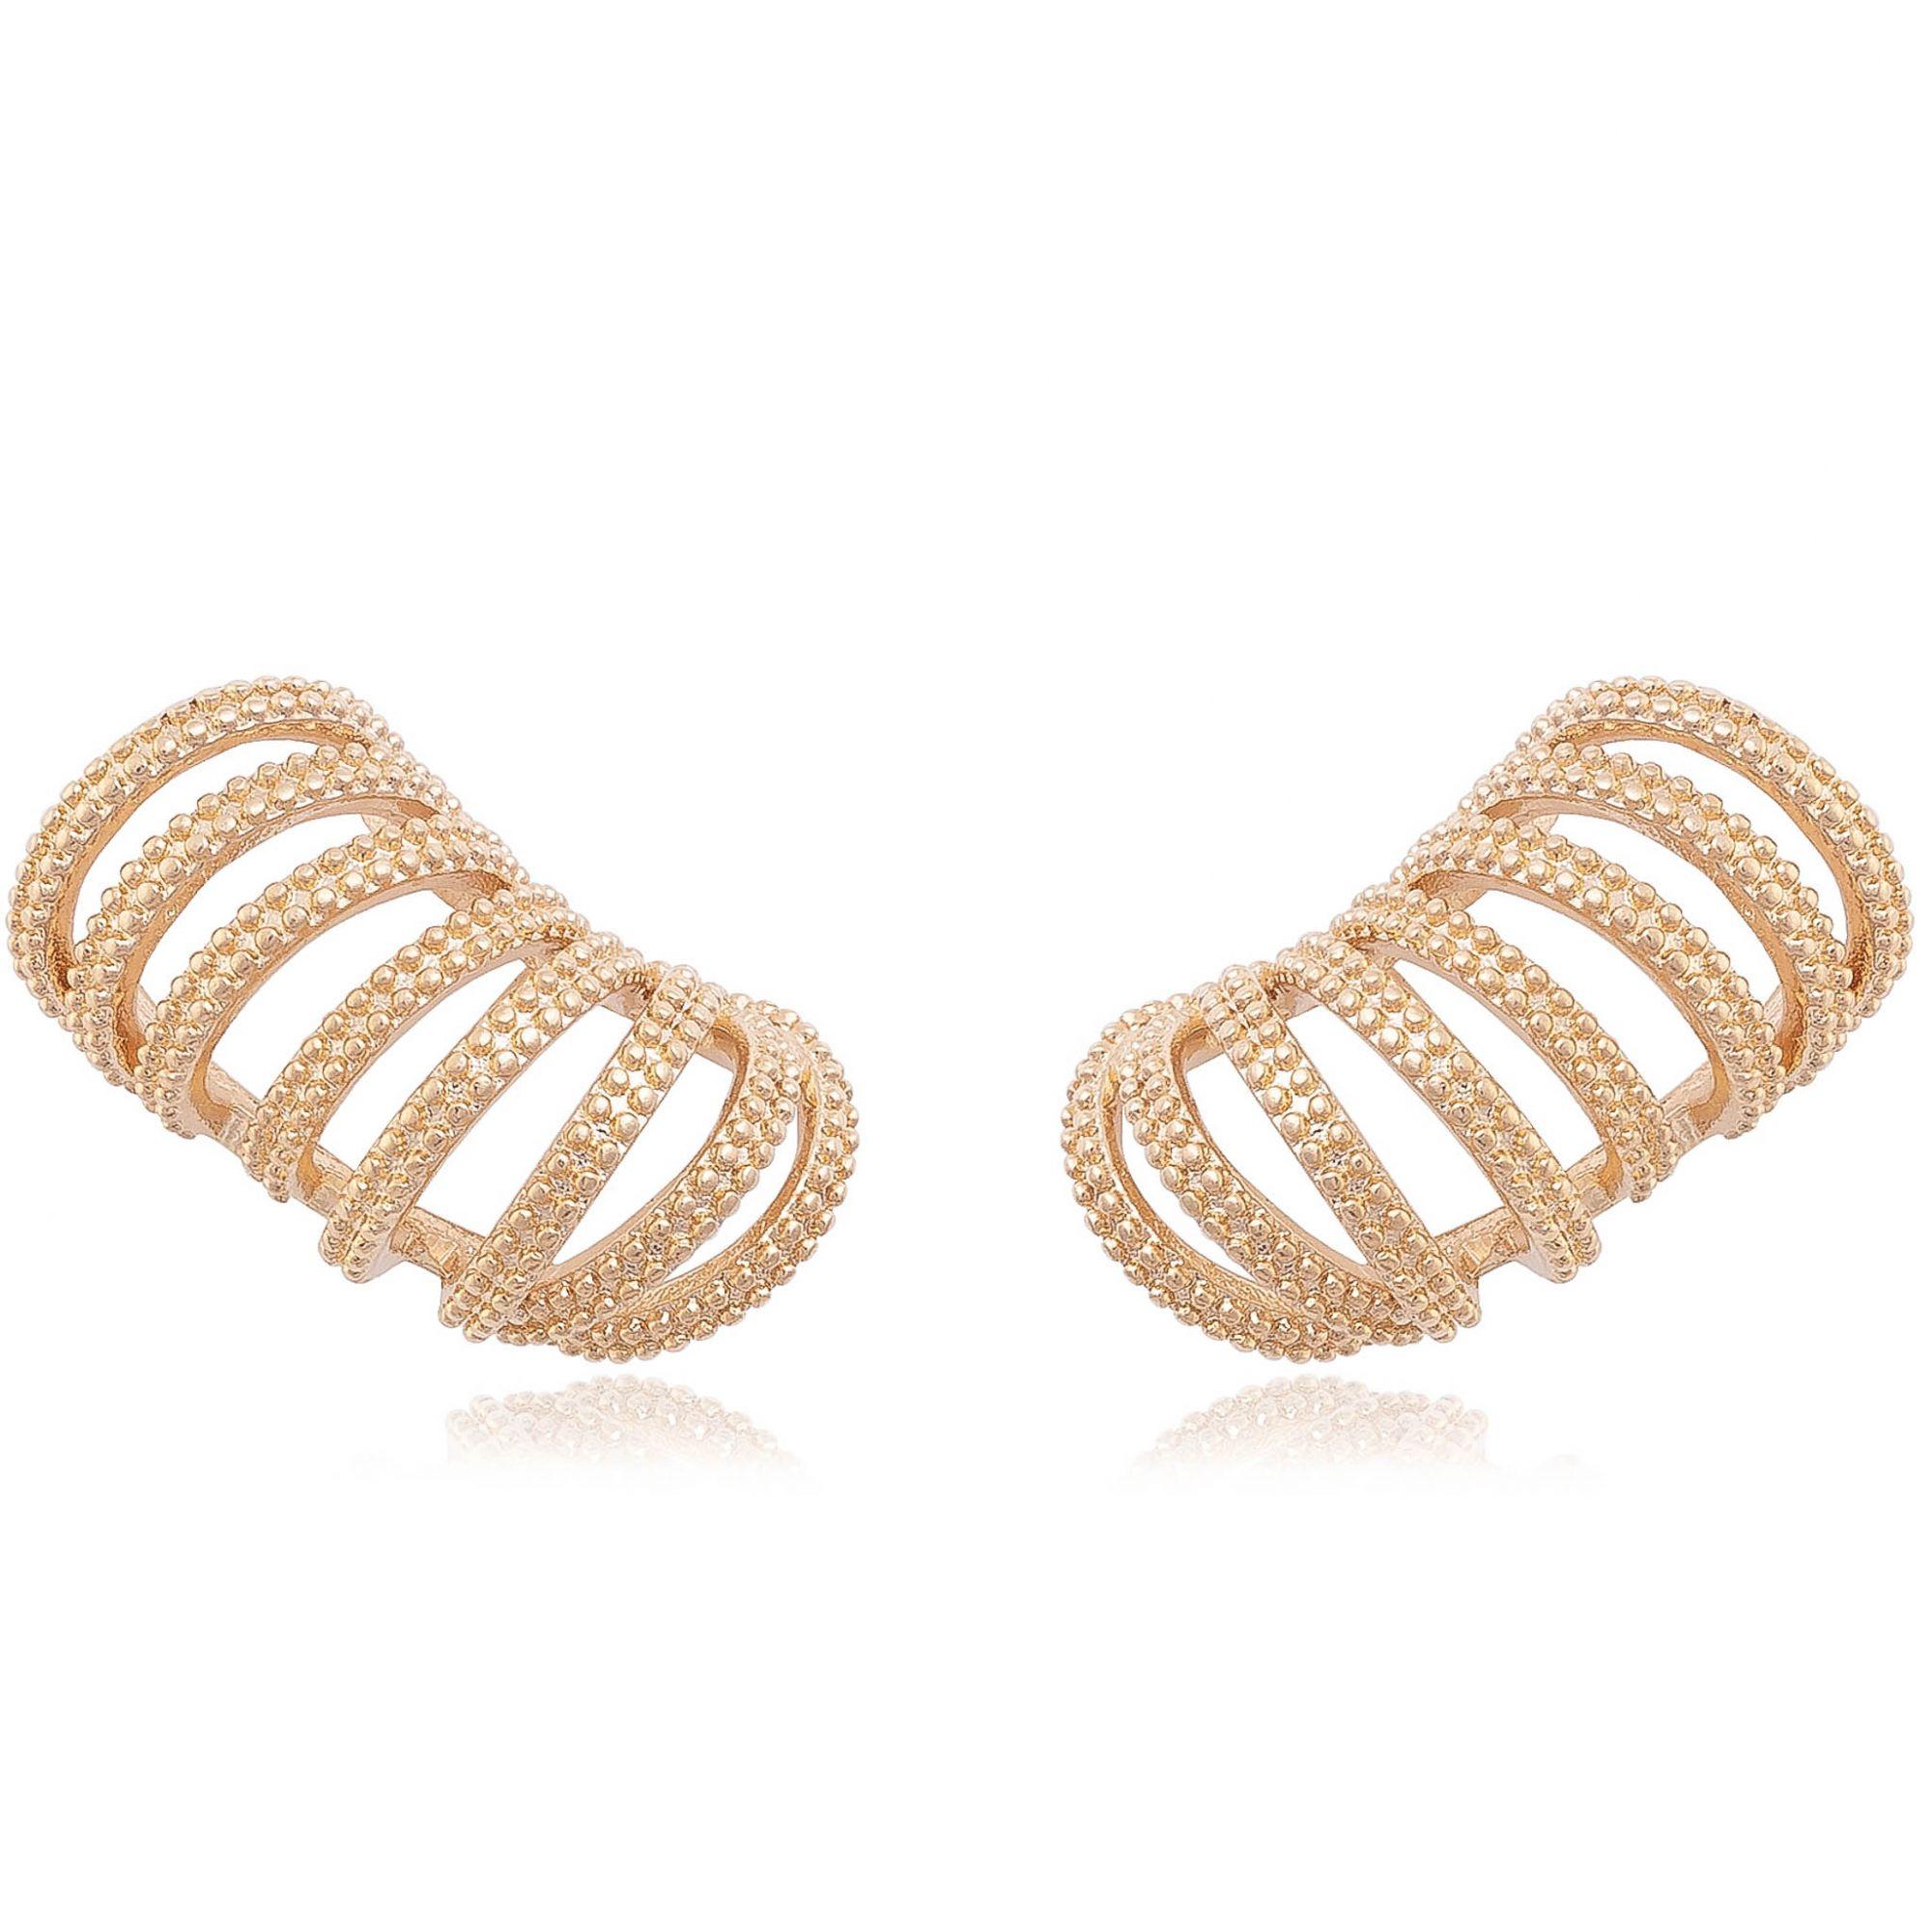 Brinco ear cuff banhado a ouro 18k.  - romabrazil.com.br